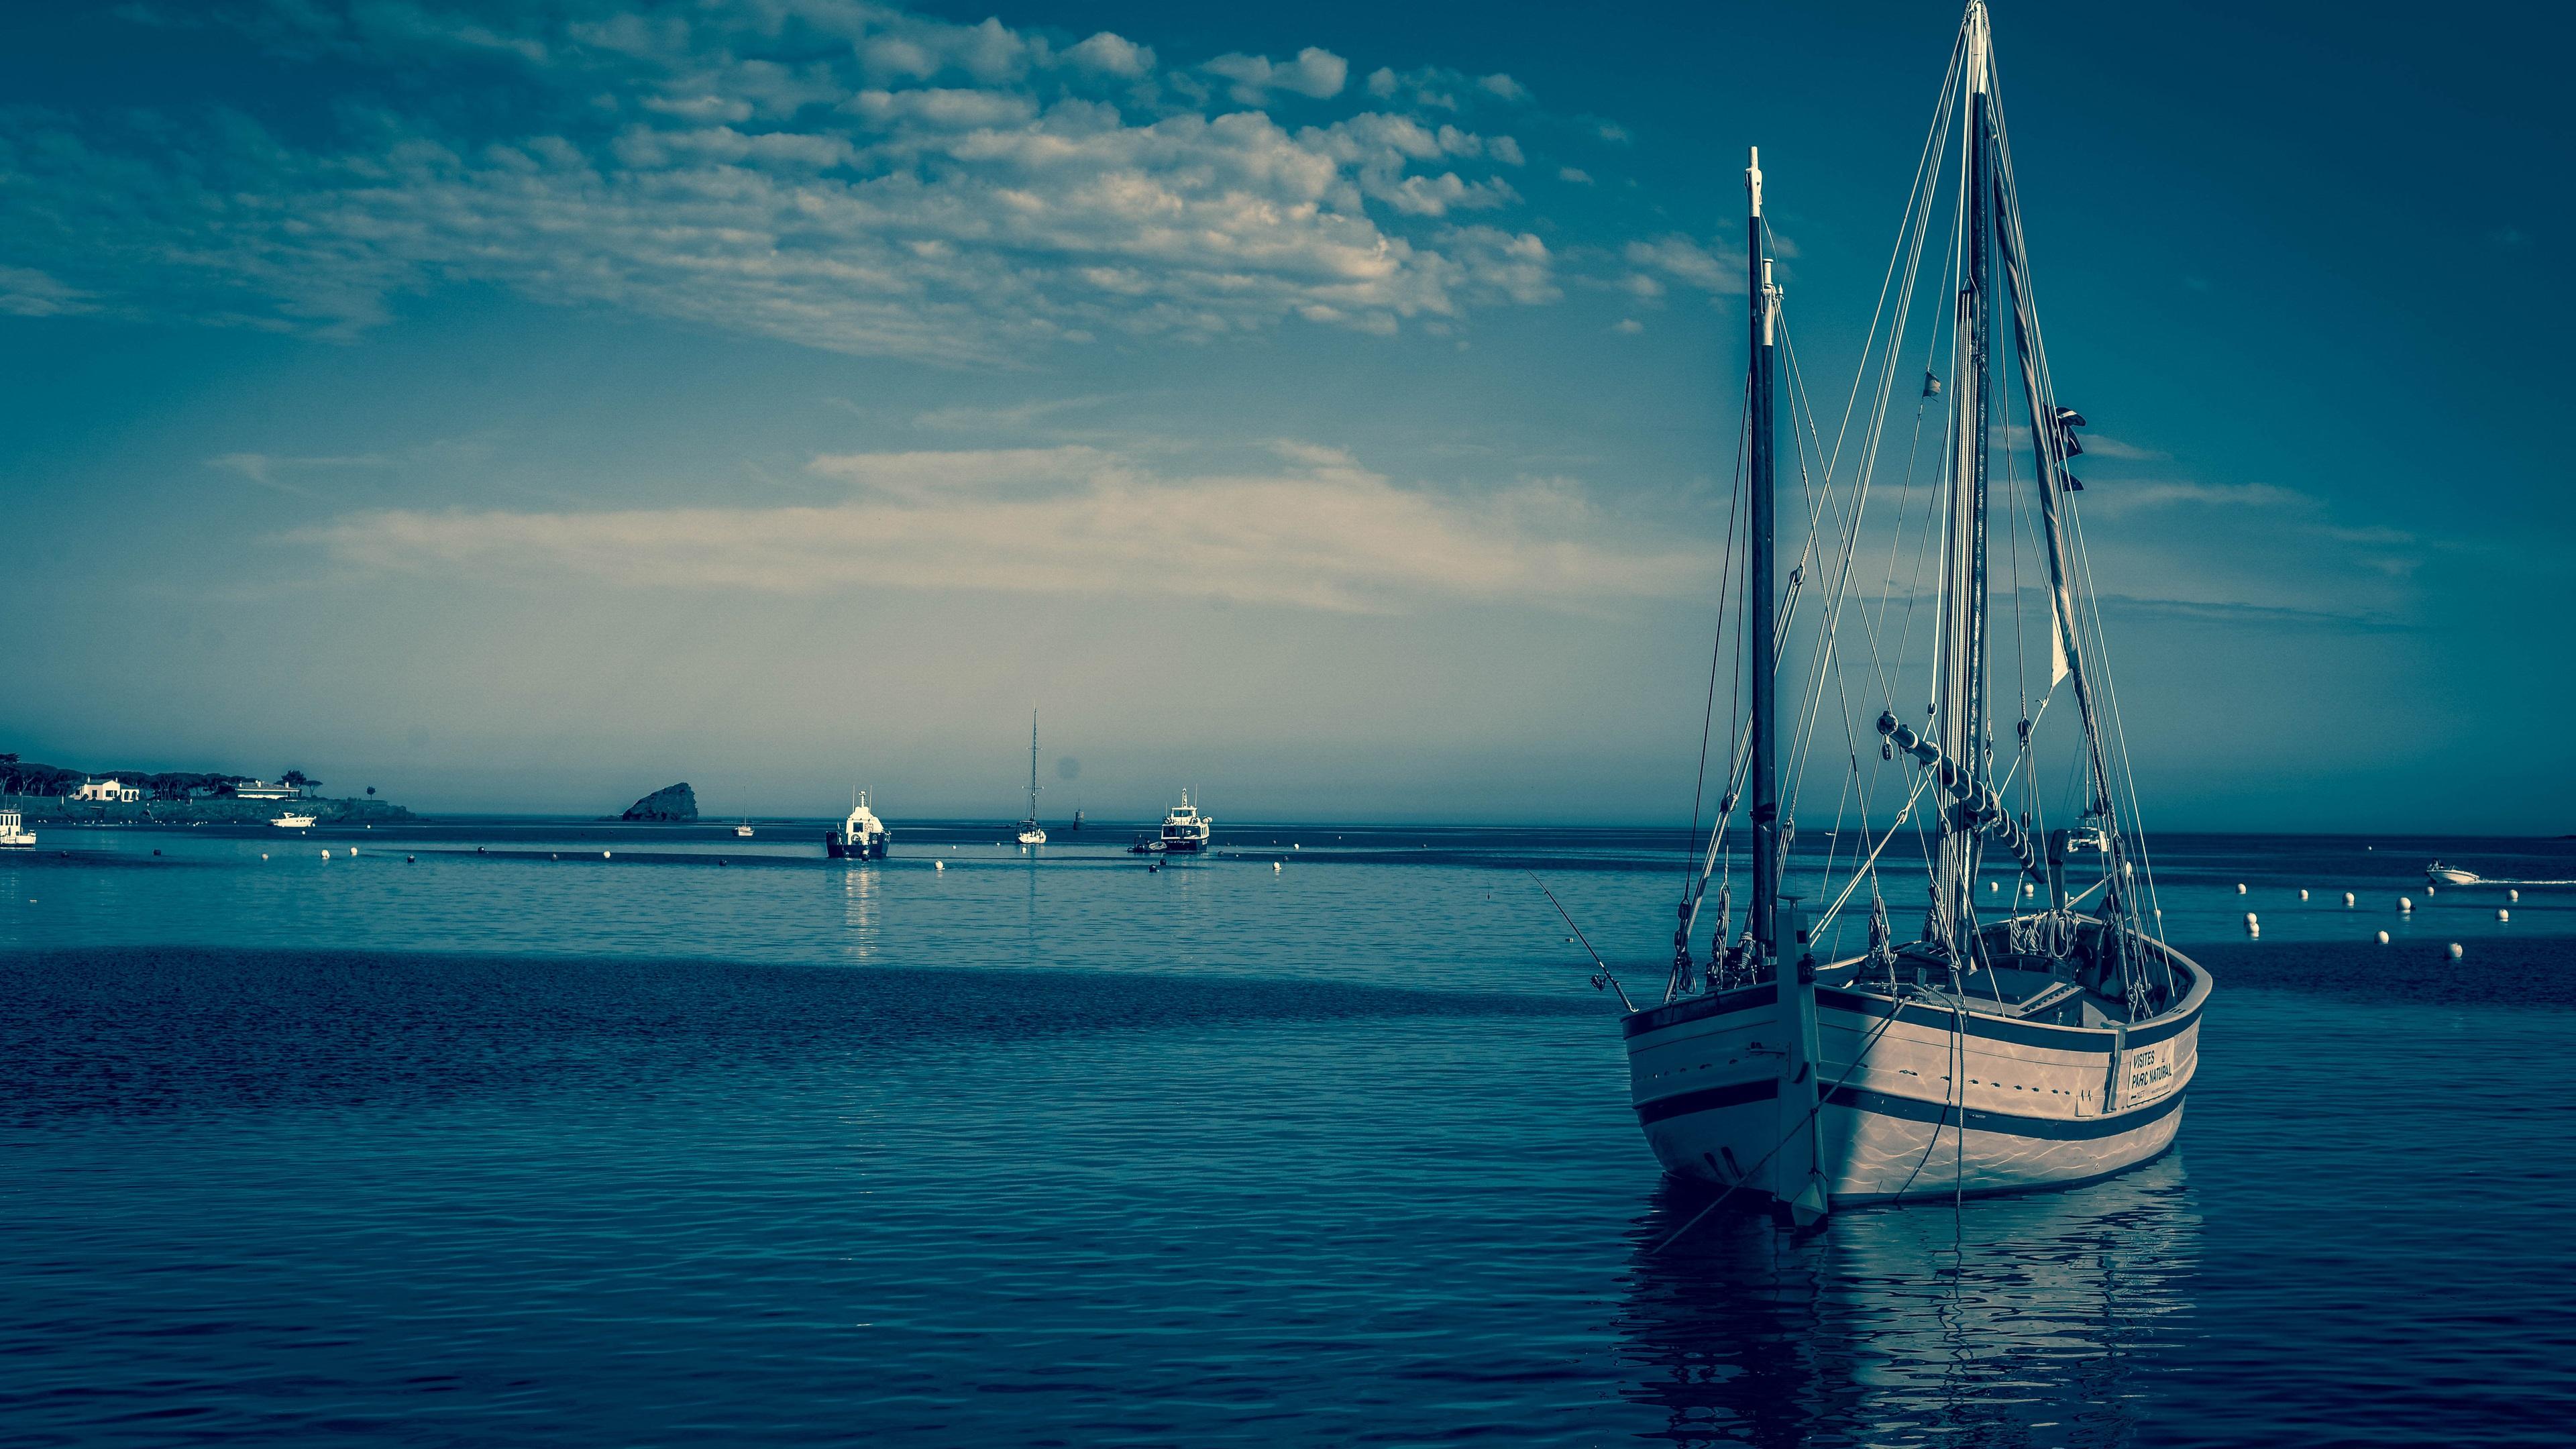 Fonds d 39 cran bateaux mer bleue cr puscule 3840x2160 uhd for Fond ecran photo 4k